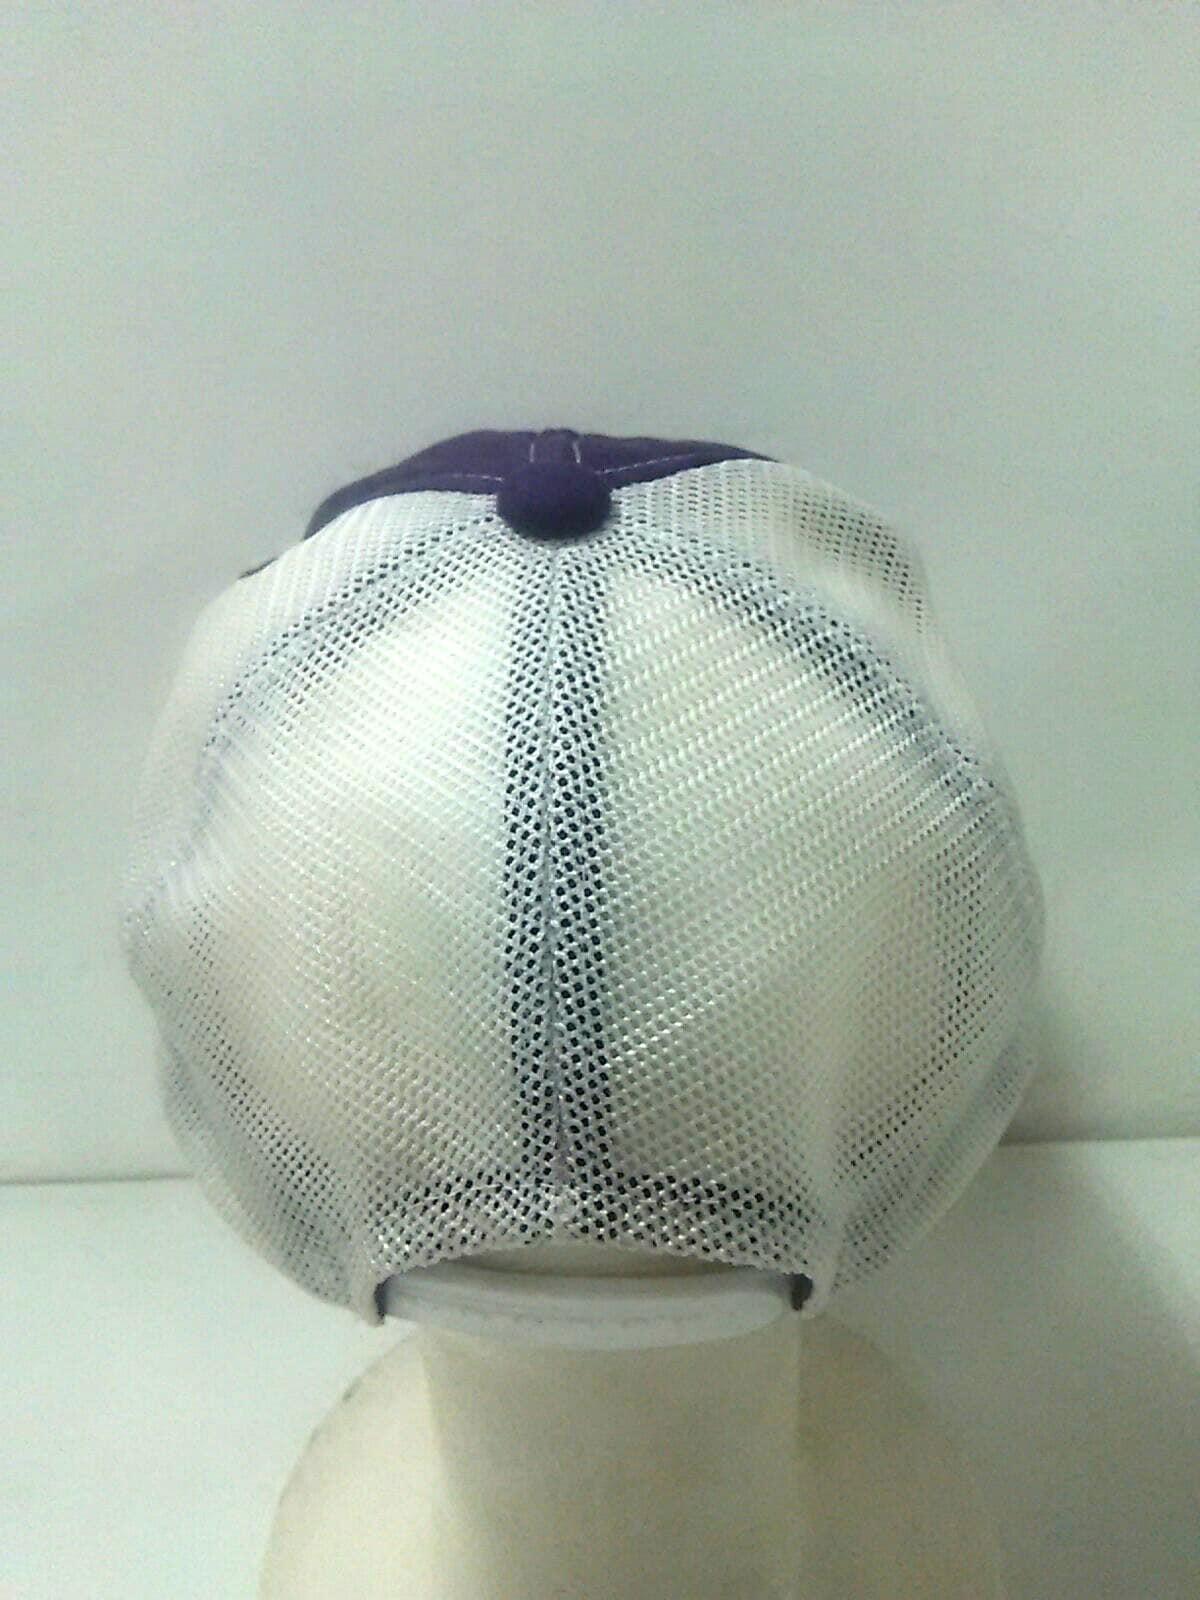 URSUS BAPE(アーサスベイプ)の帽子